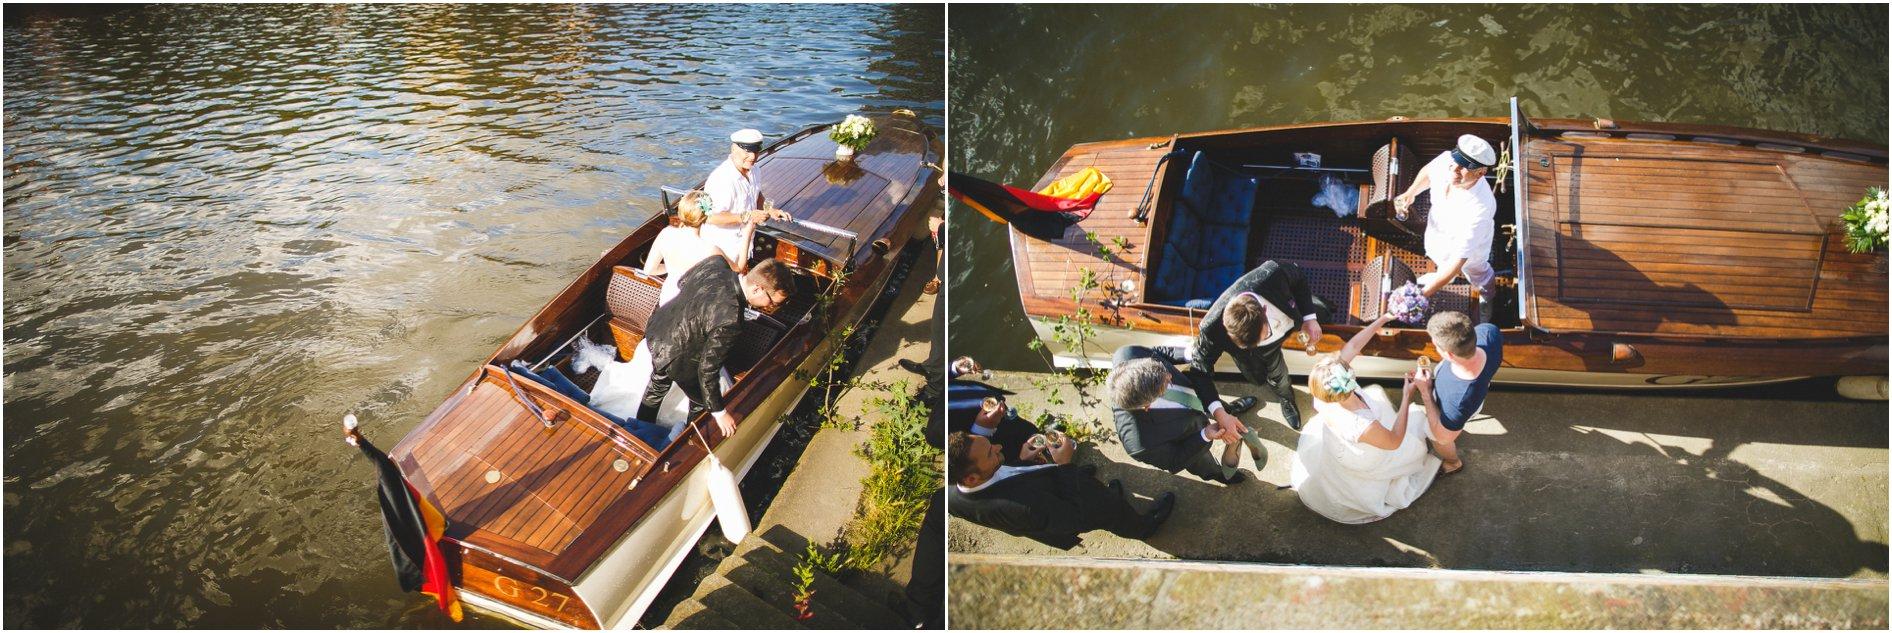 2014-07-16_0322 Über die Elbe mit Sarah & Benny